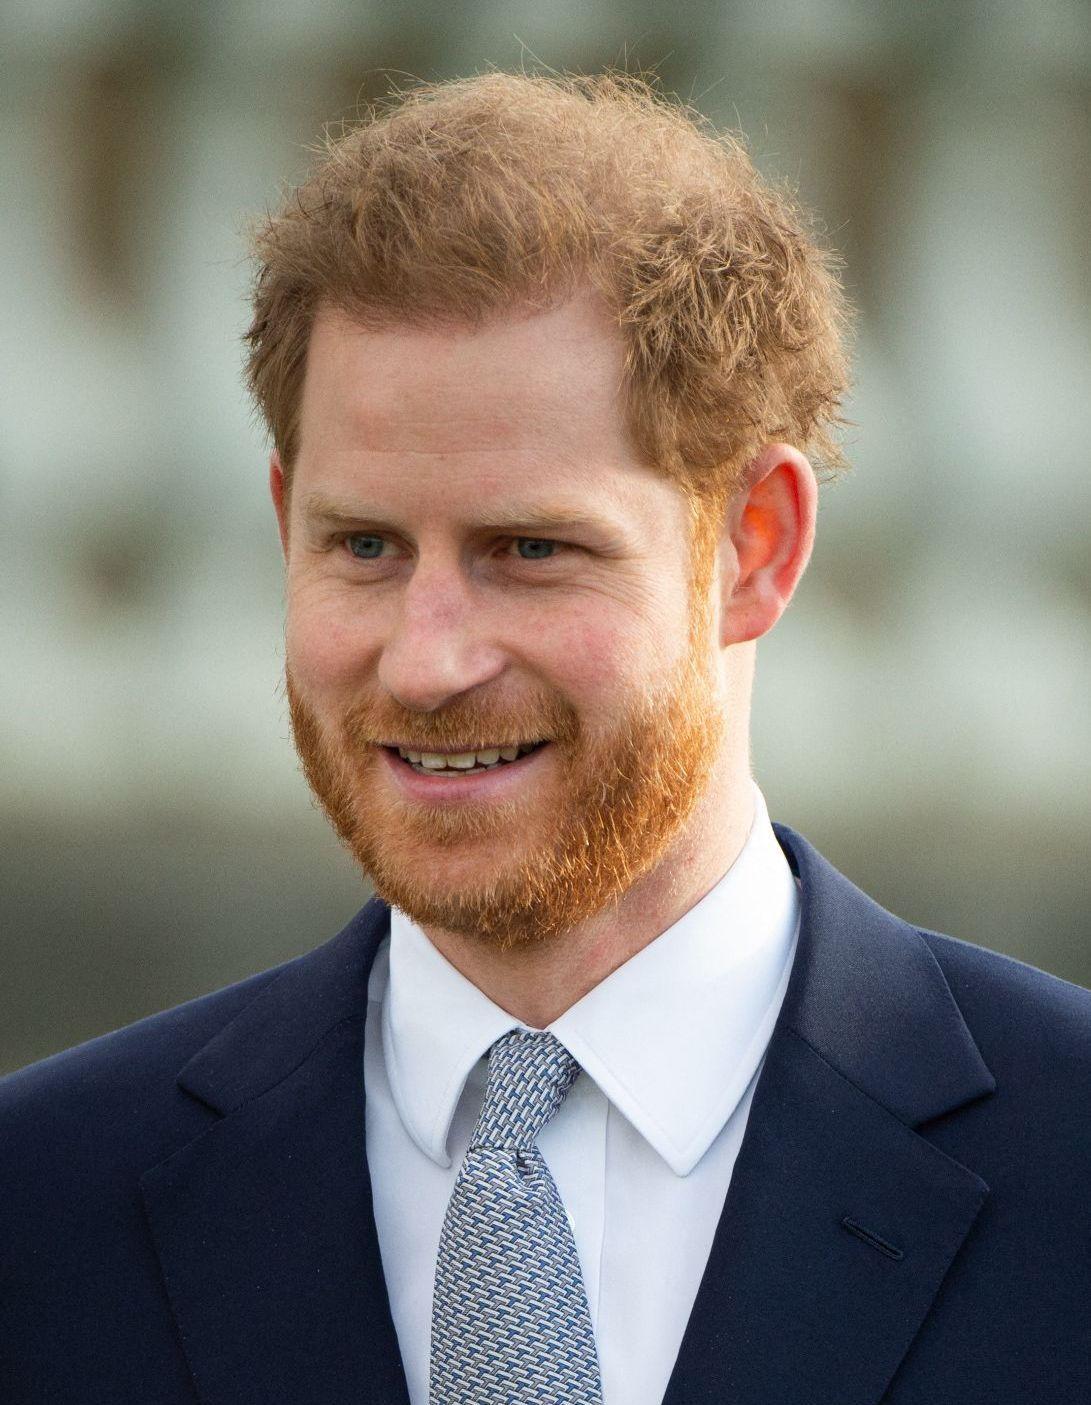 Prince Harry à New York : son adorable clin d'œil à son fils Archie - Elle